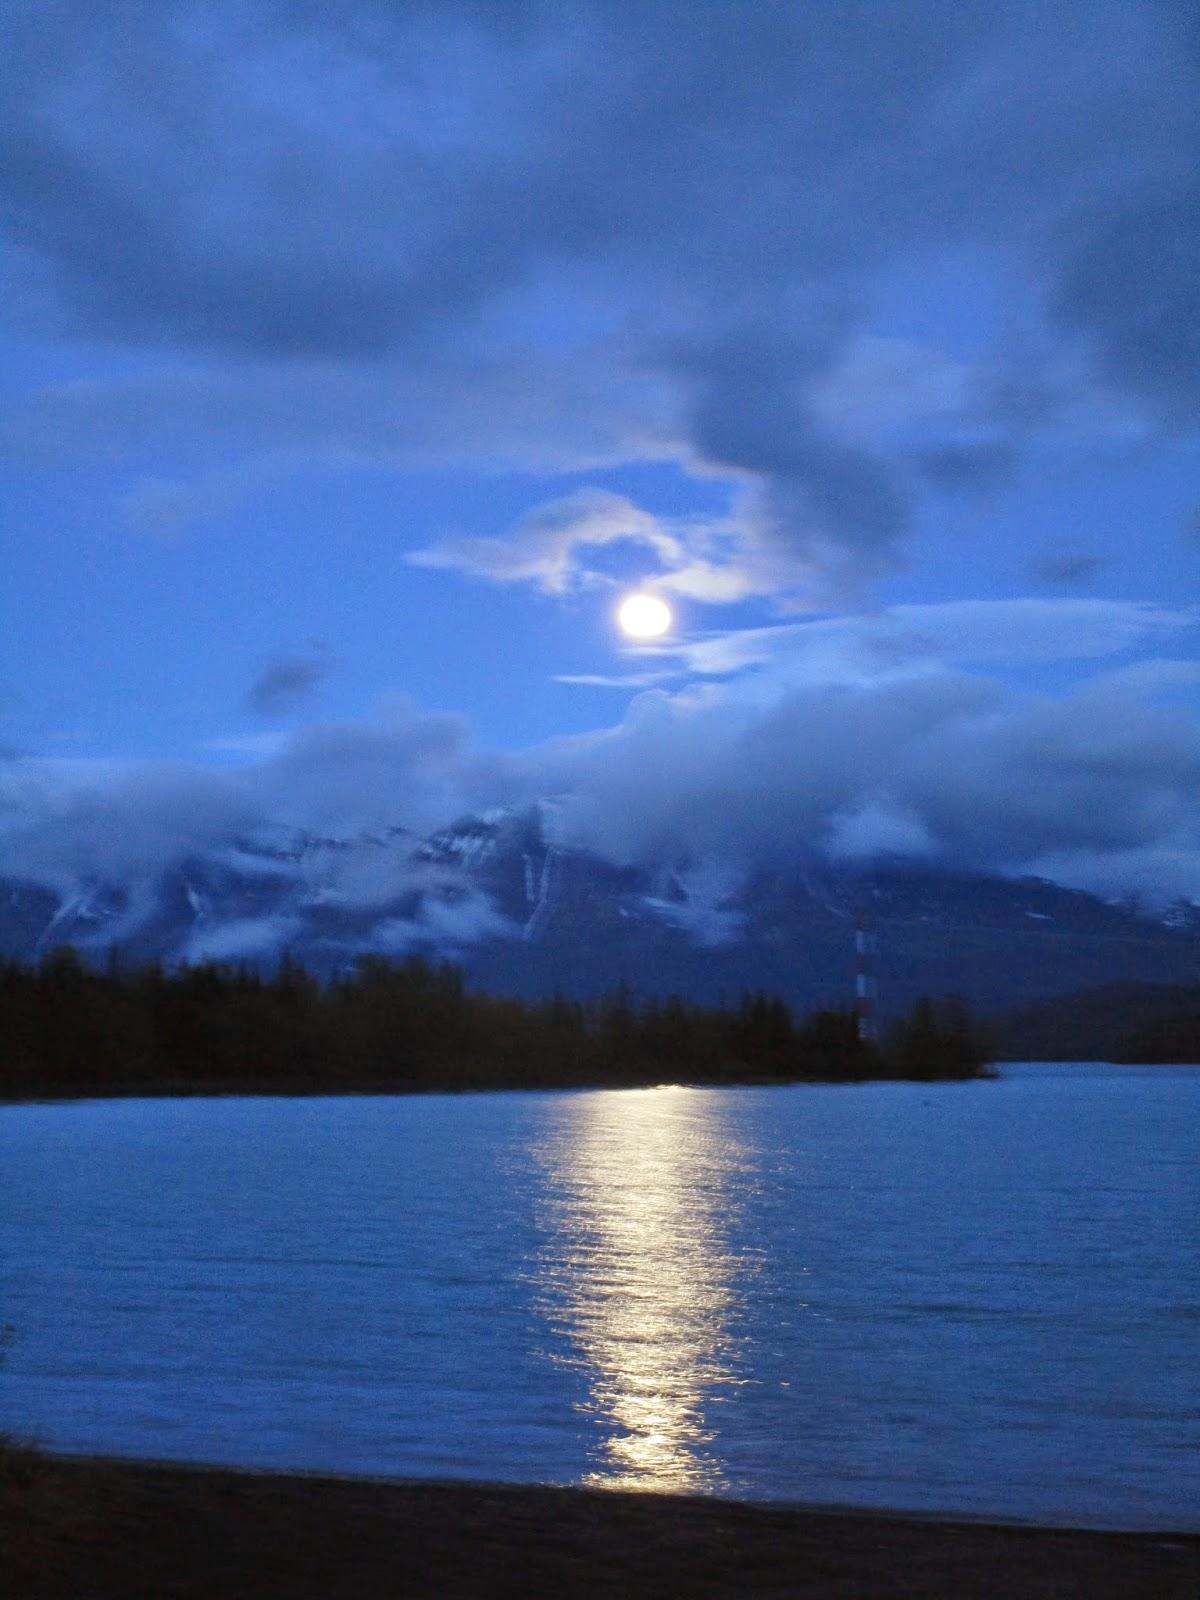 Fll moon over Kenai lake last night